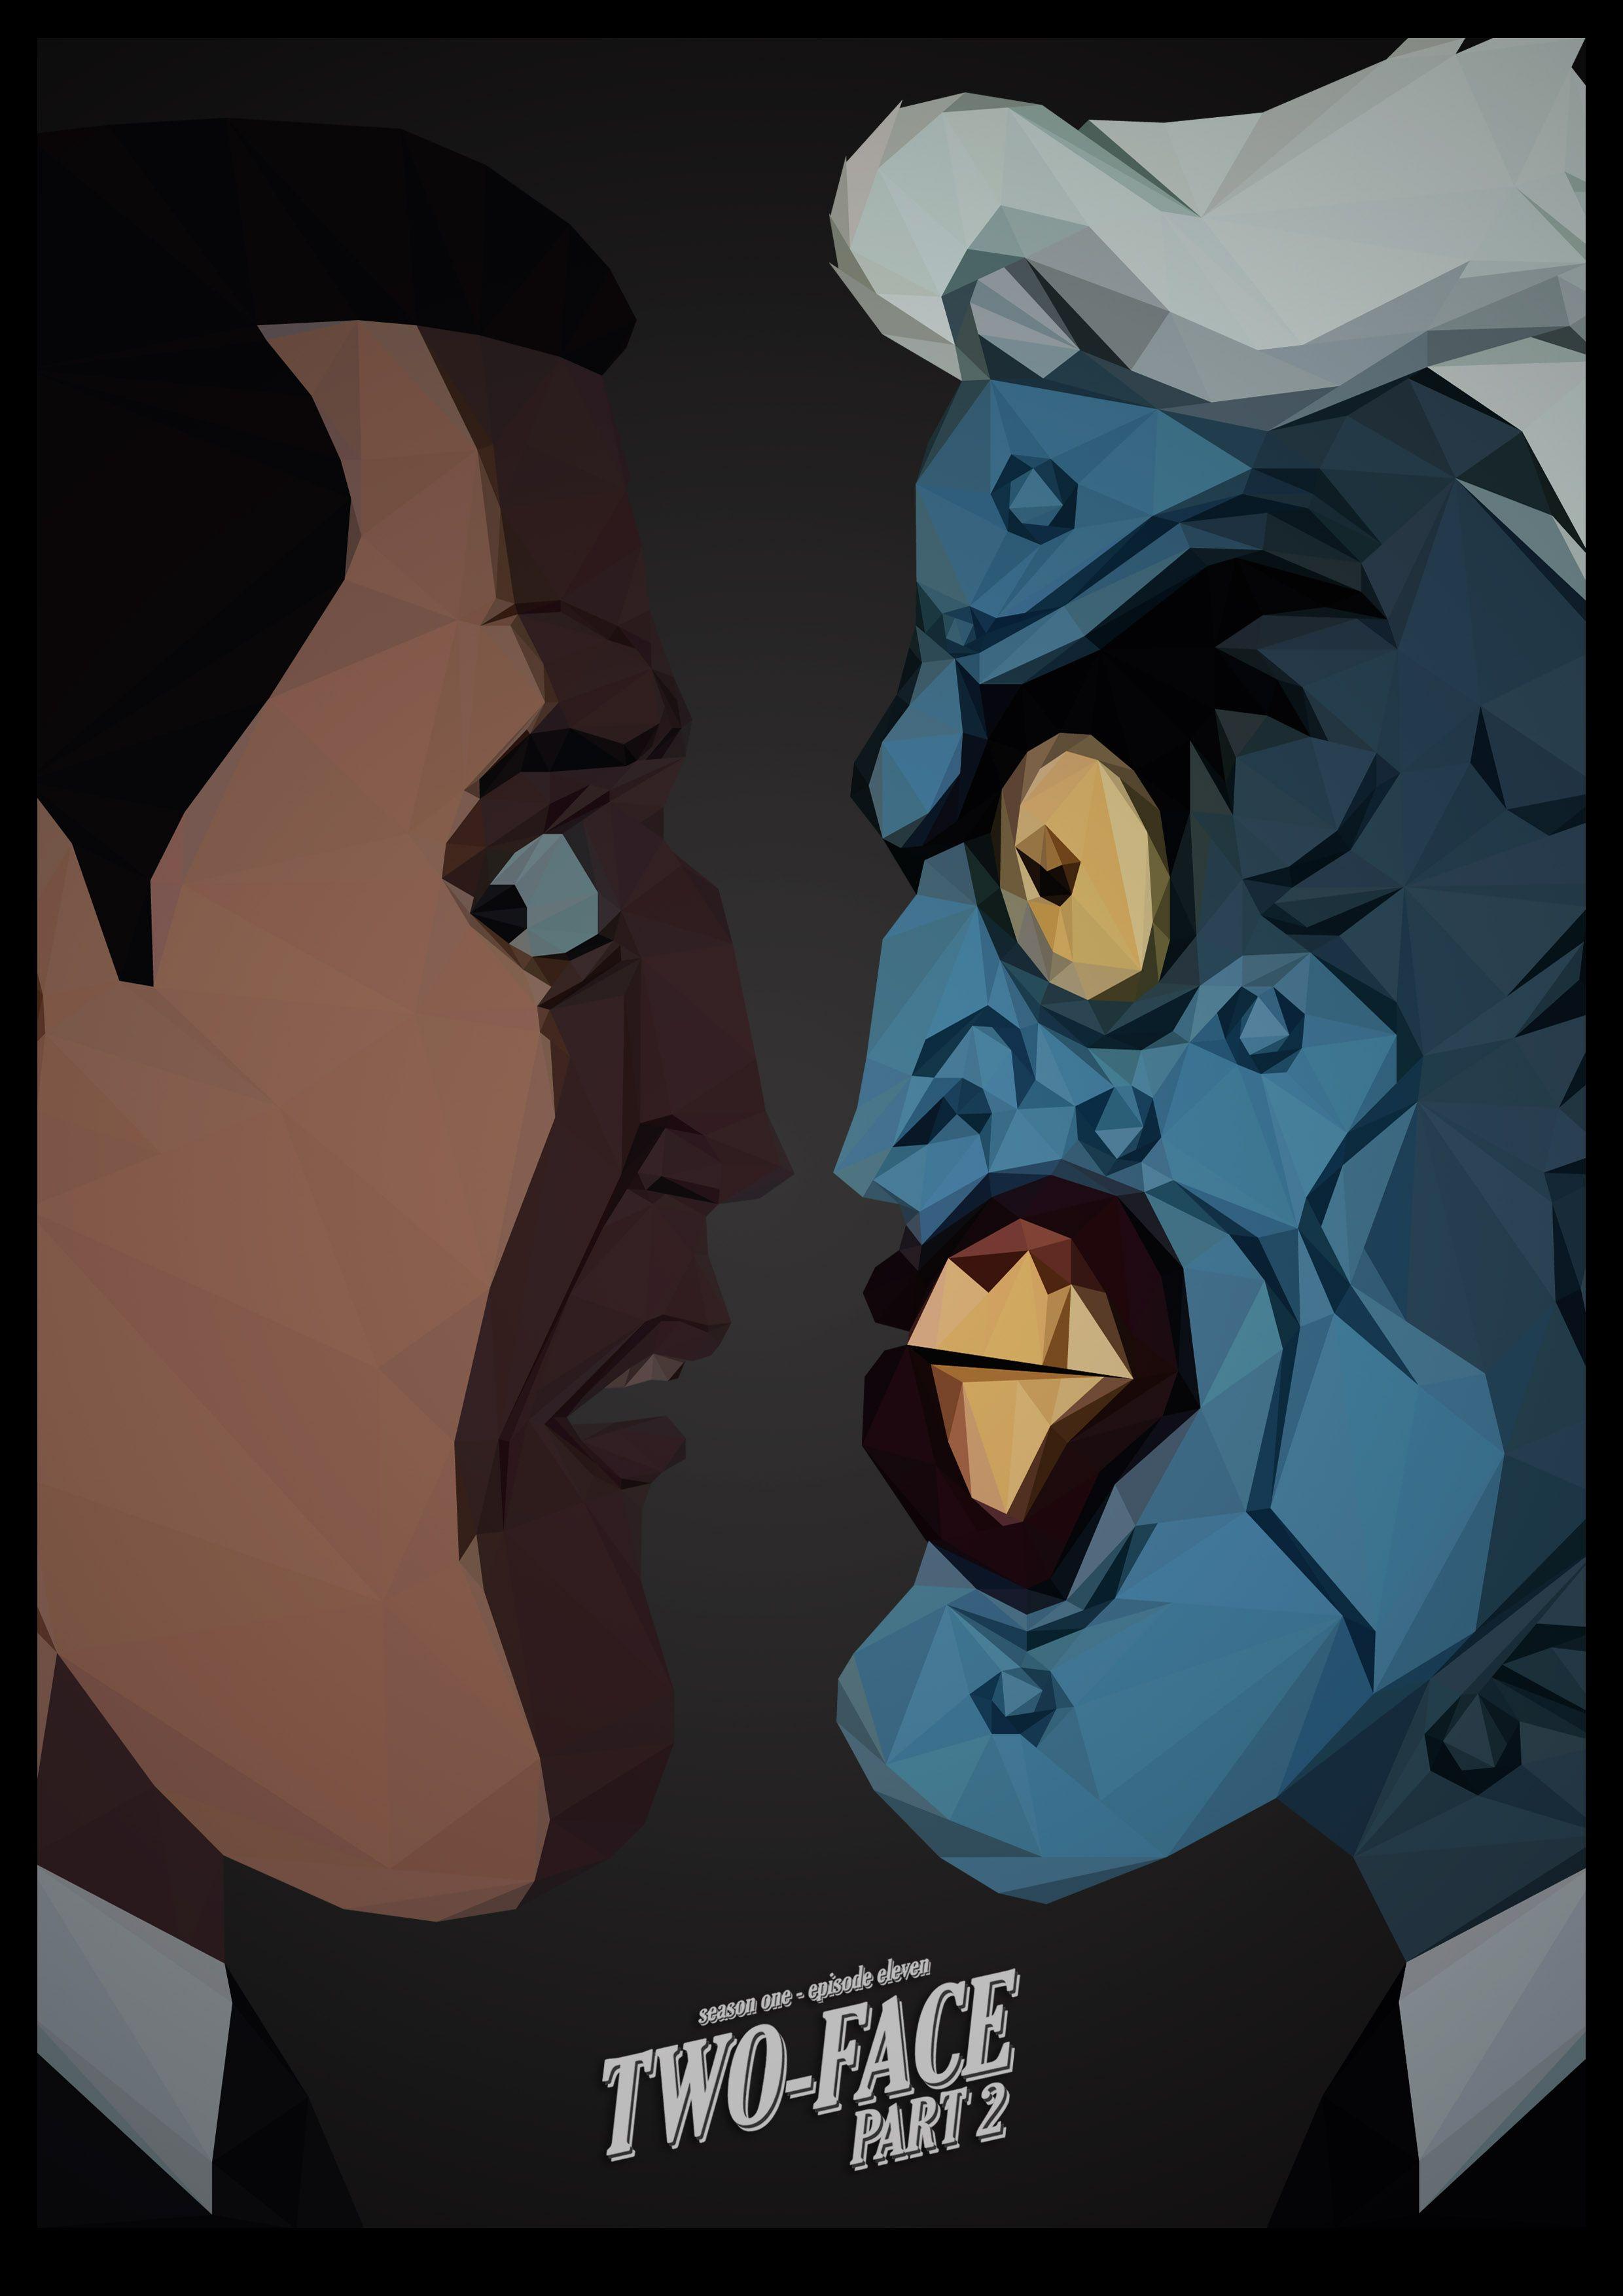 Animated Batman Meme Face Exploring Mars